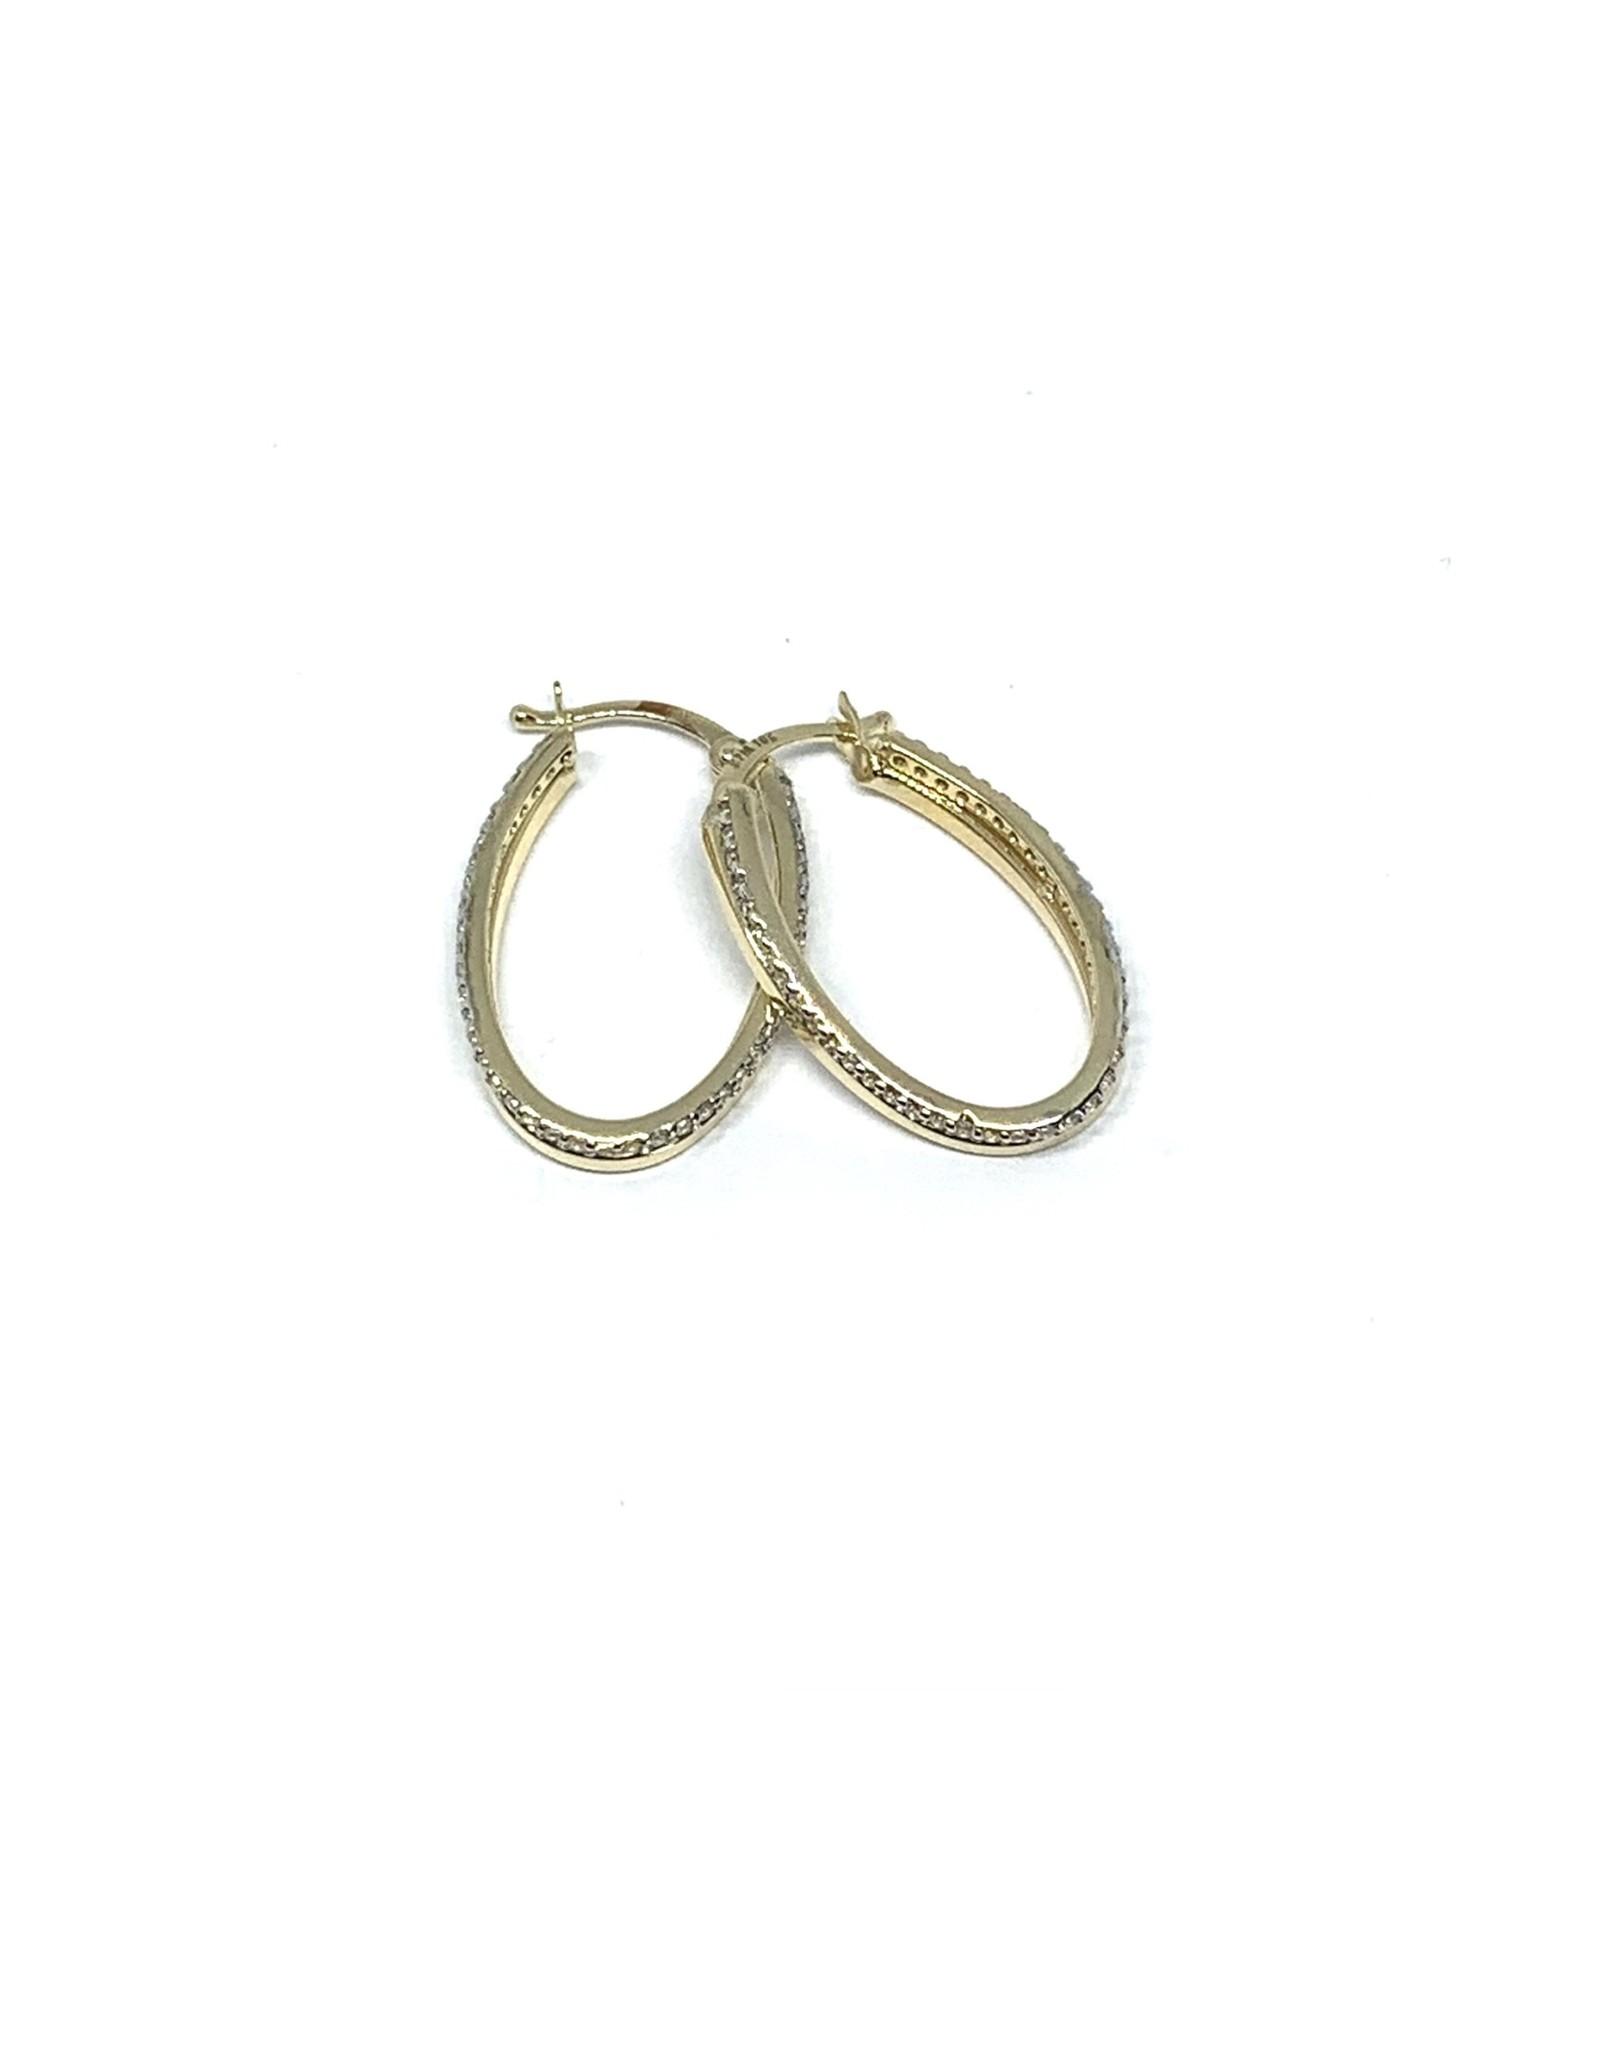 PARÉ Boucles d'oreilles Anneaux Ovales double Or 10K avec Cubique zirconium